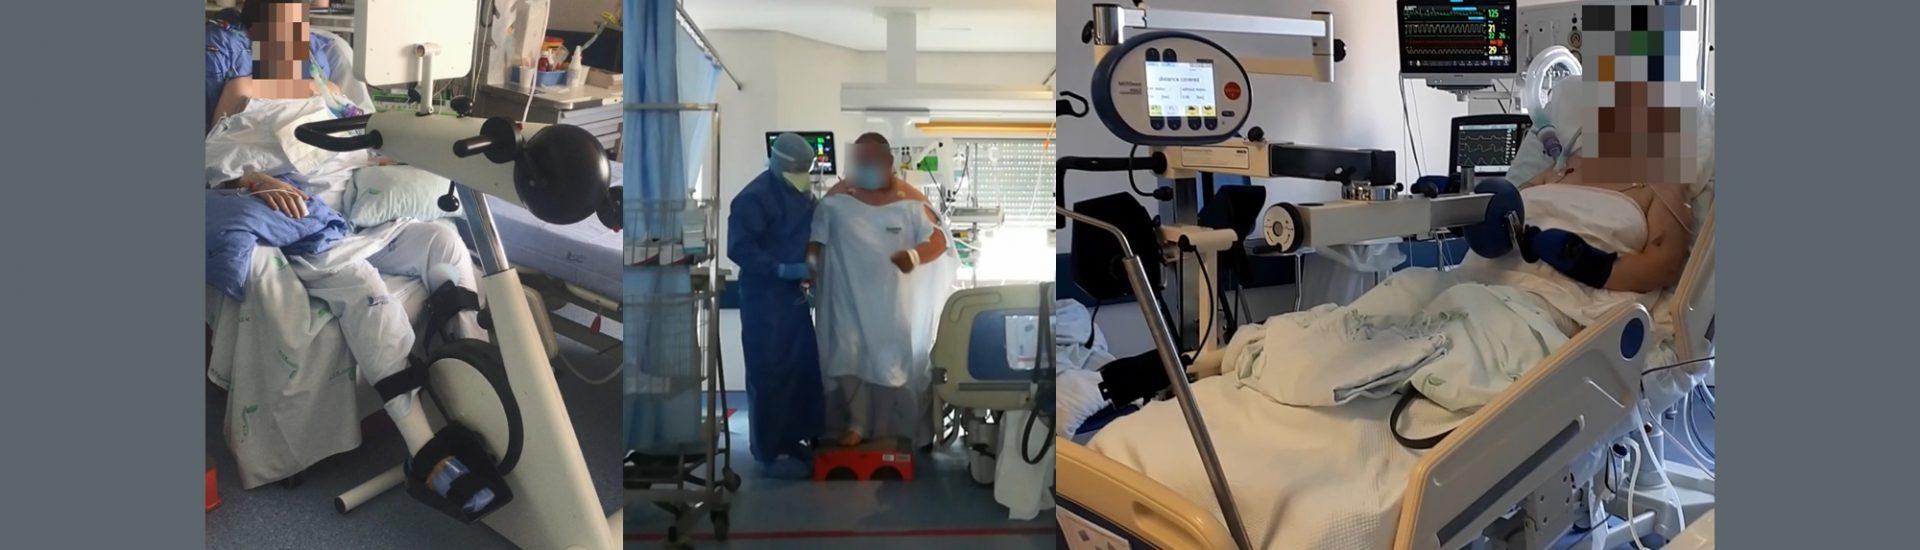 Falta de fisioterapeutas em permanência nas Unidades de Cuidados Intensivos